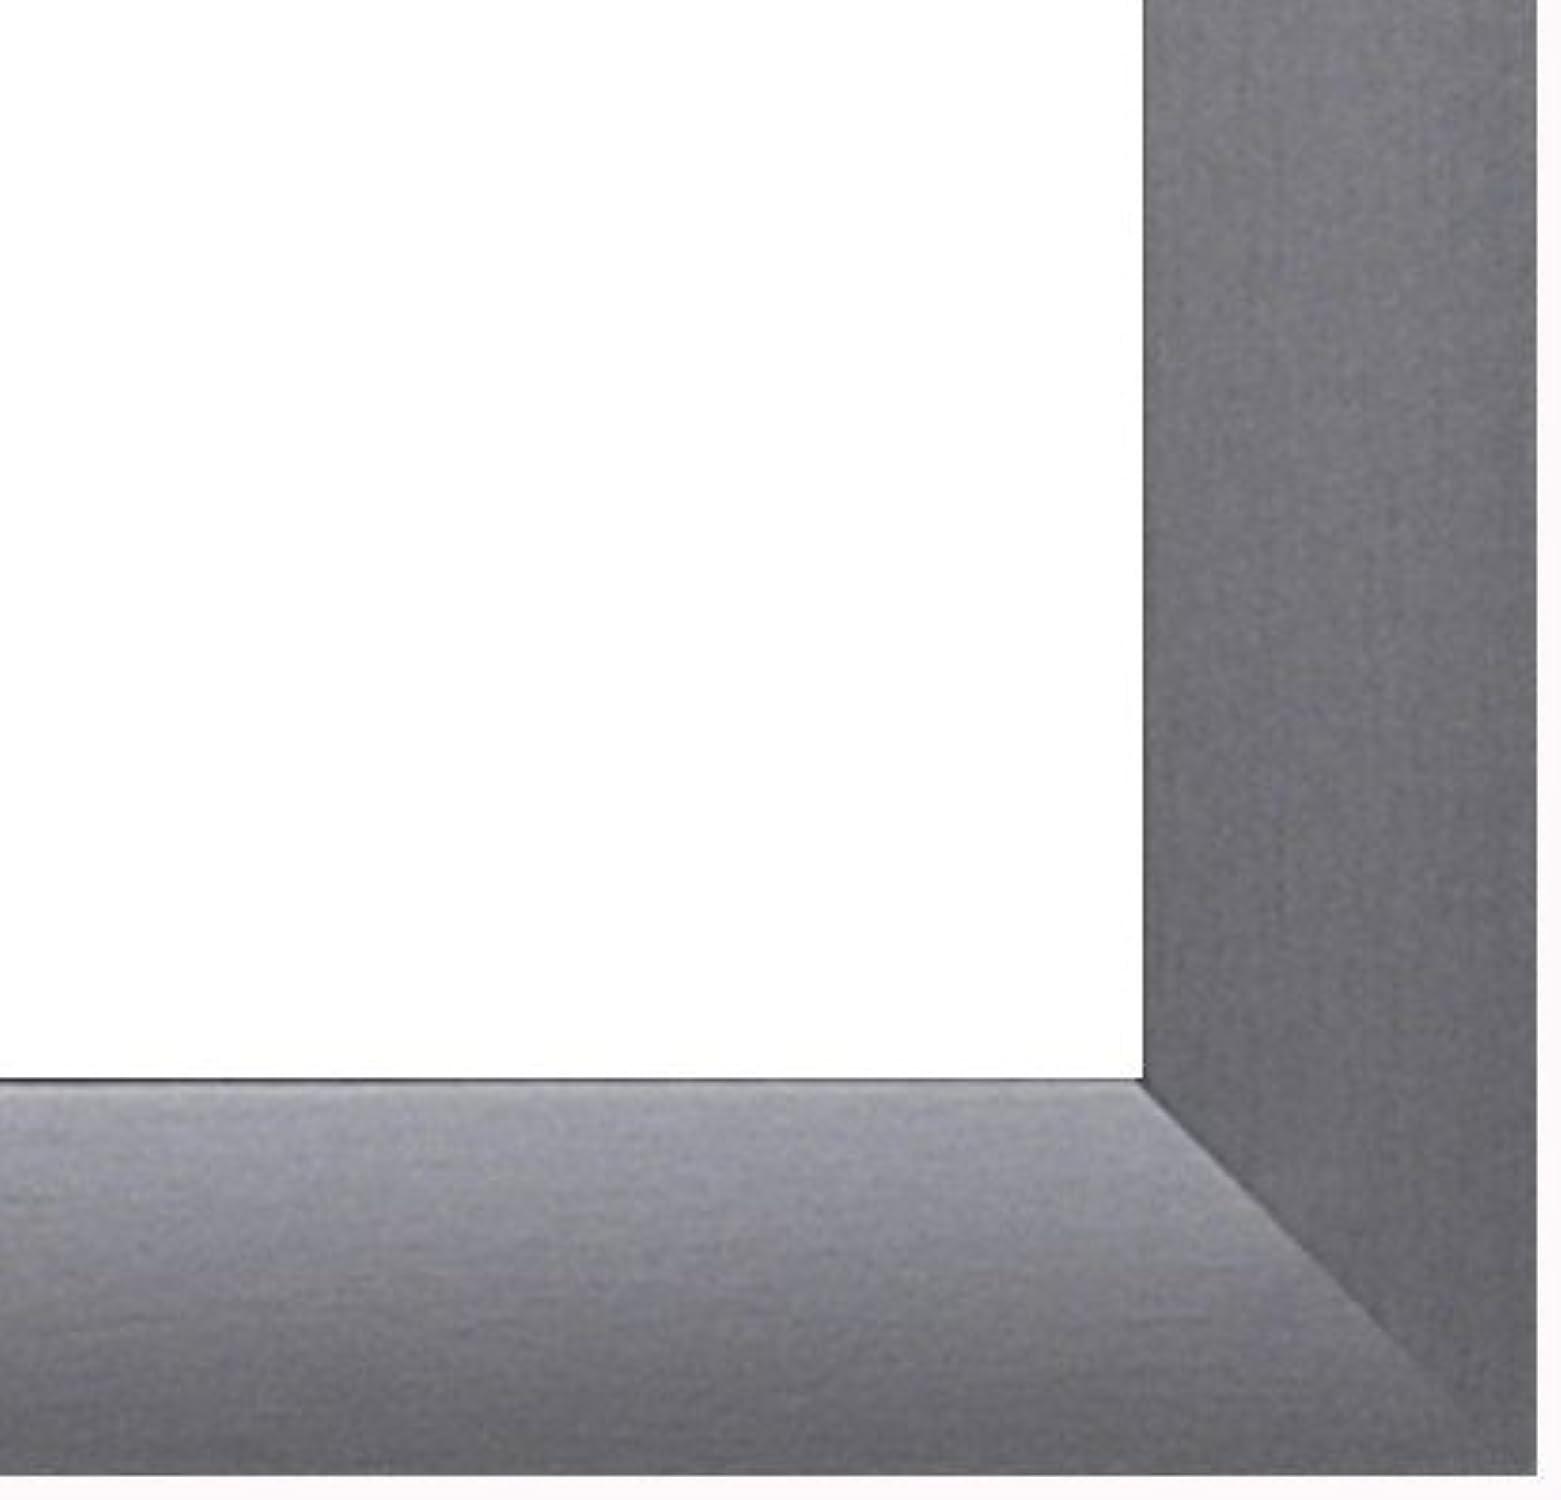 de moda Marco Marco Marco Colorado 80 x 56 cm en MDF, marco en estilo moderno 56 x 80 cm, Color seleccionado  antracita con vidrio acrílico antirreflector 1 mm  las mejores marcas venden barato